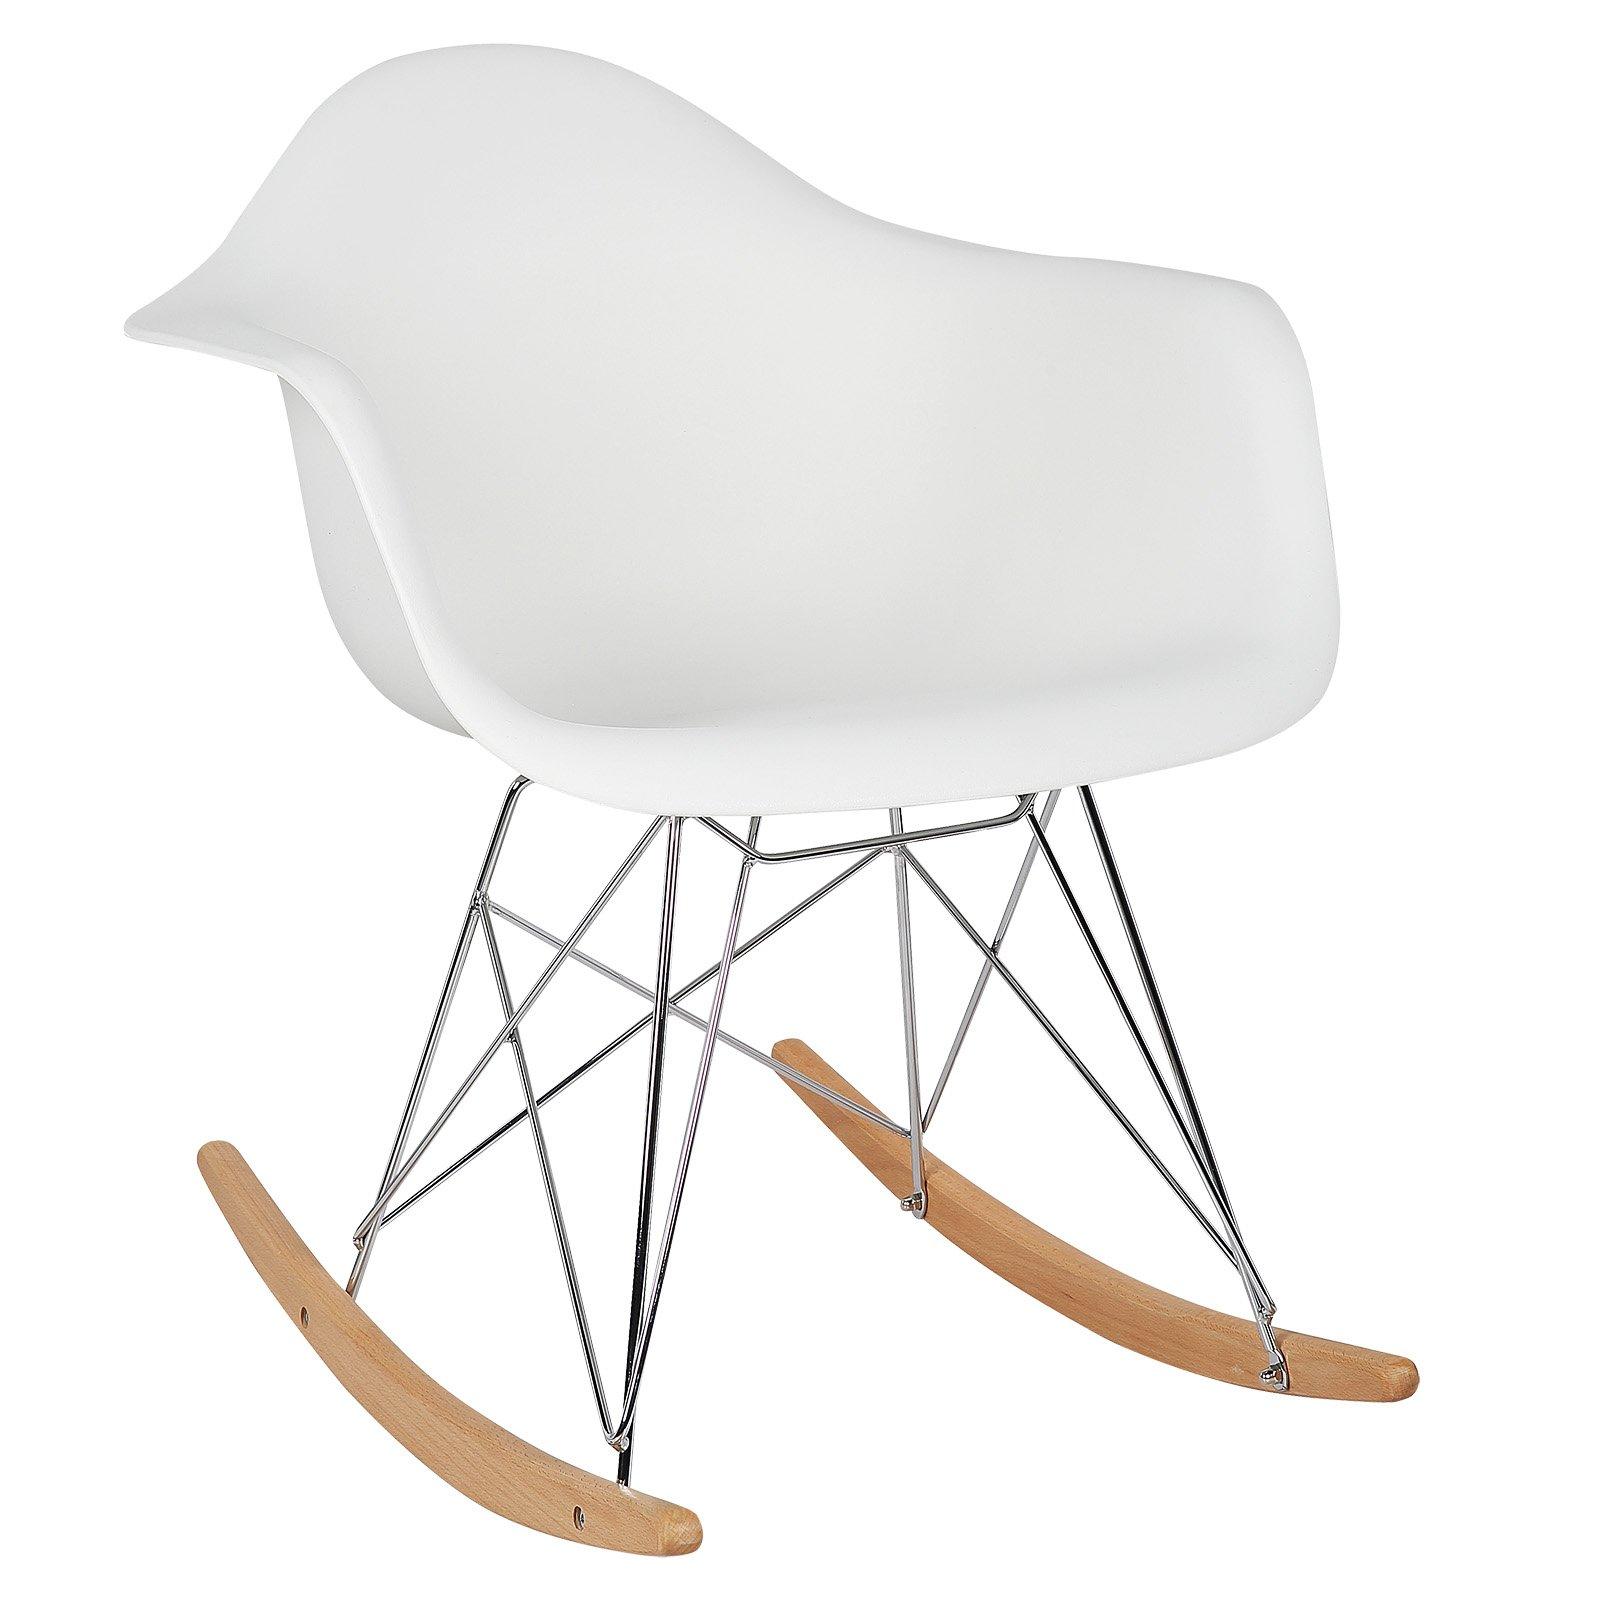 Am Besten Bewertete Produkte In Der Kategorie Sessel Stühle